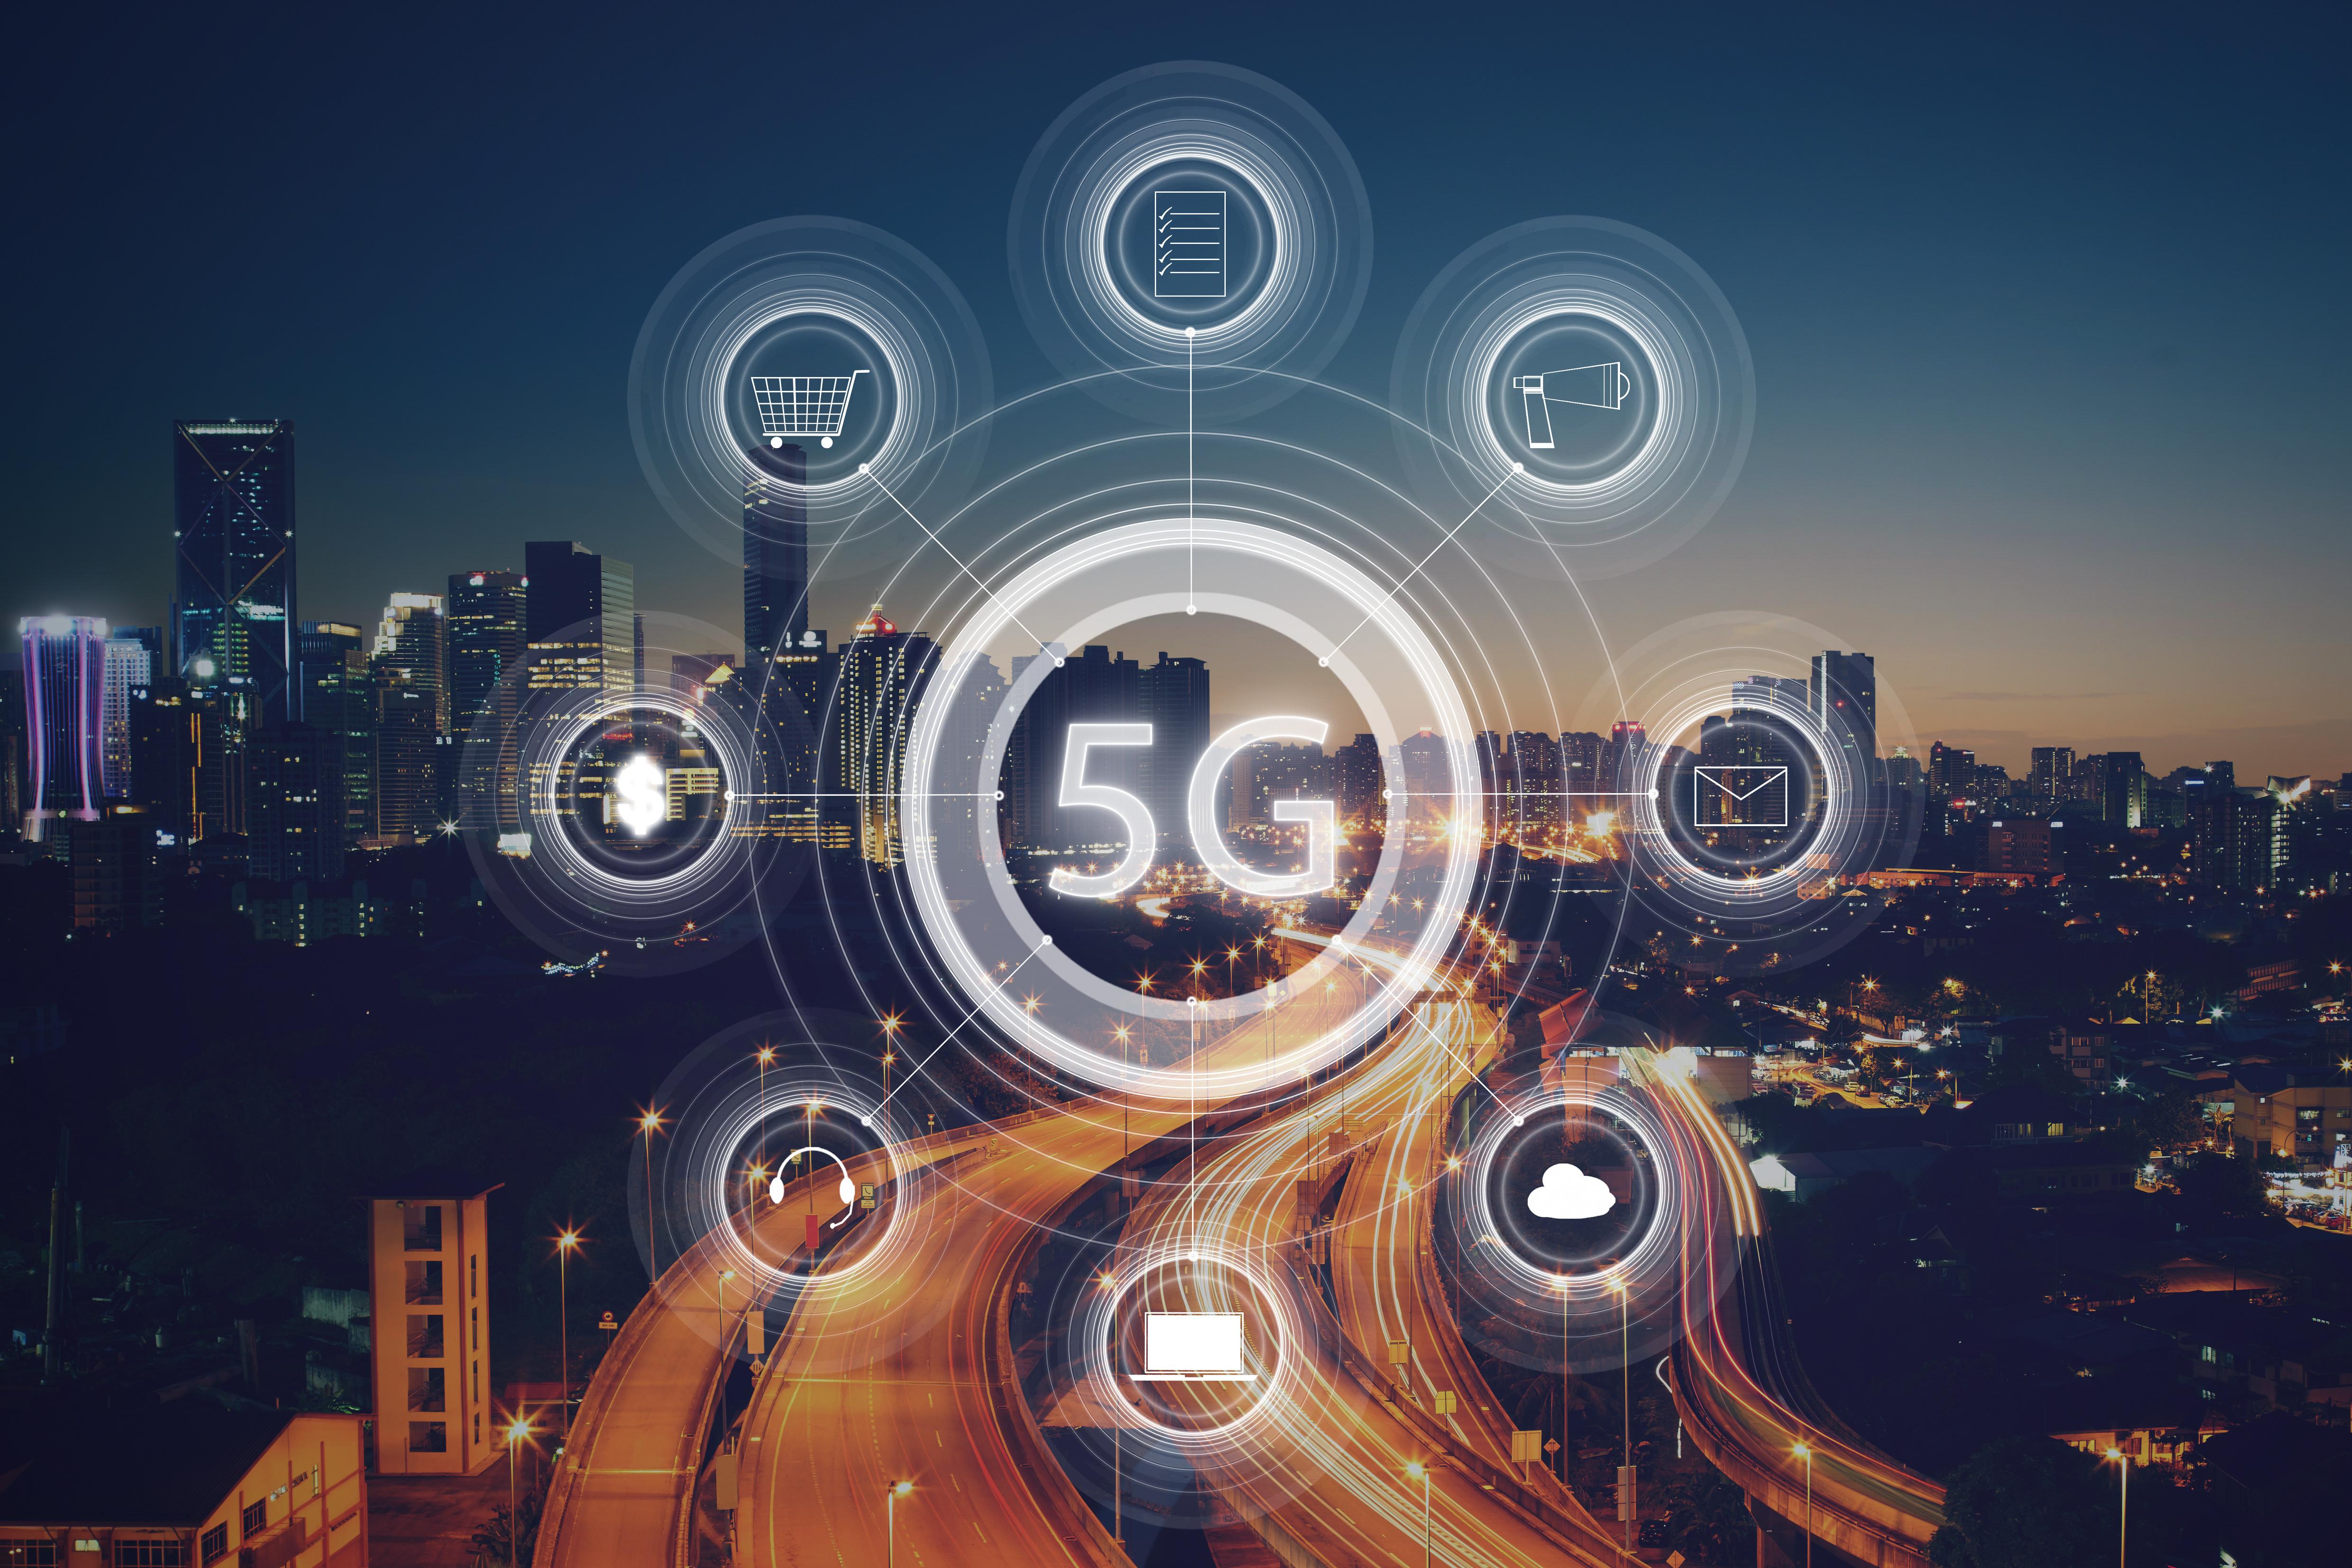 5G概念引領科技股行情 龍頭股漲幅已接近4倍